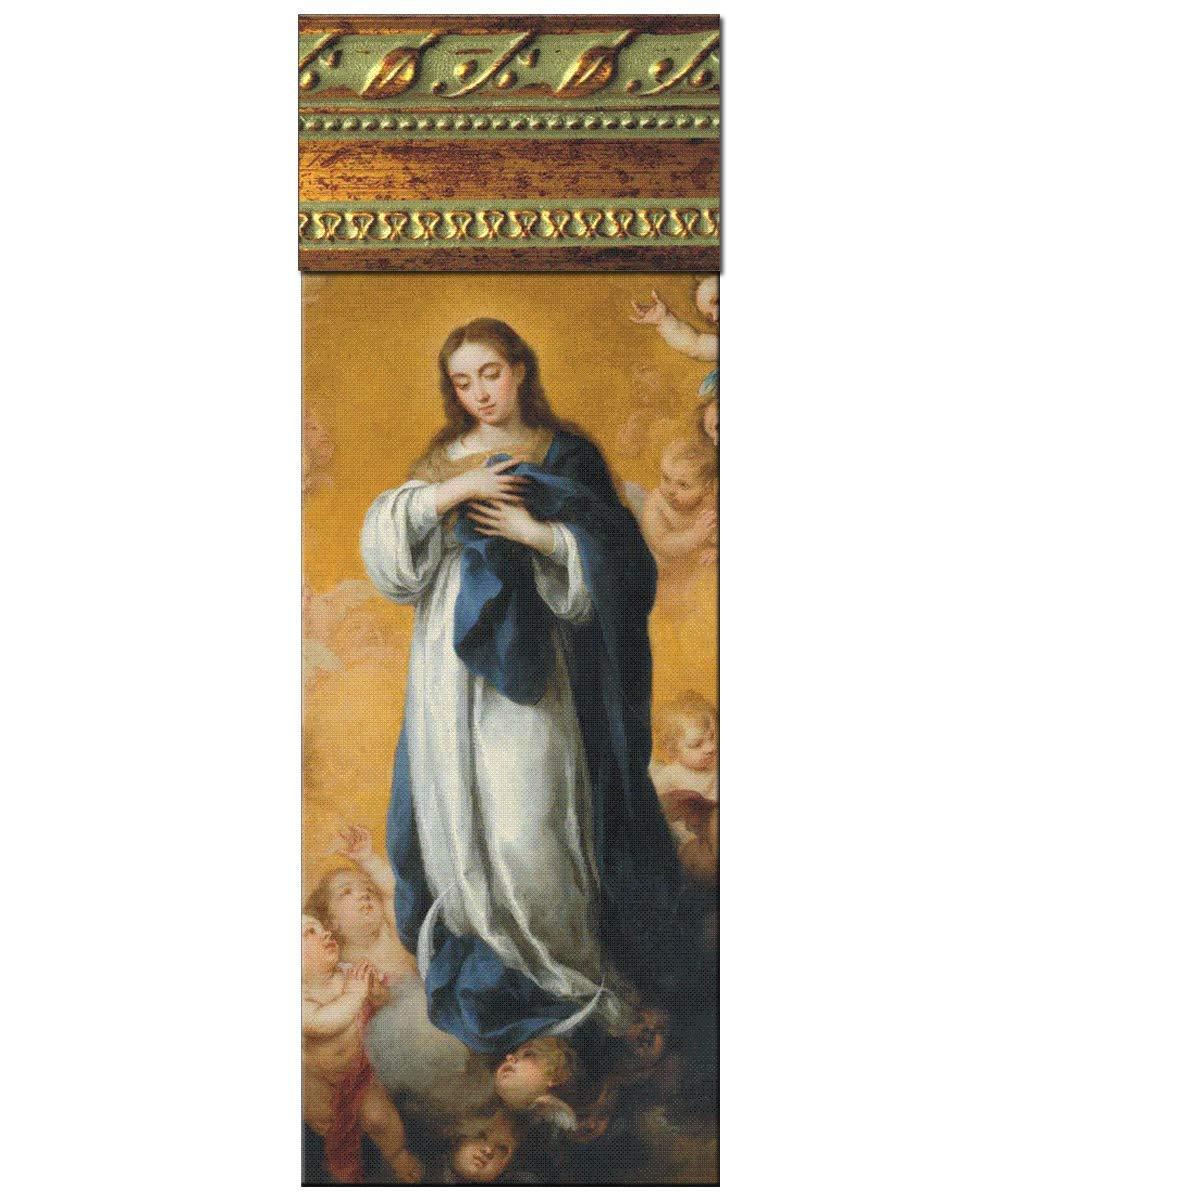 Cuadro Virgen Maria Inmaculada de la Concepción del pintor del Barroco Español Esteban Murillo. Tabla madera. Colgador triangular incluido se pueden coleccionar. Precioso.